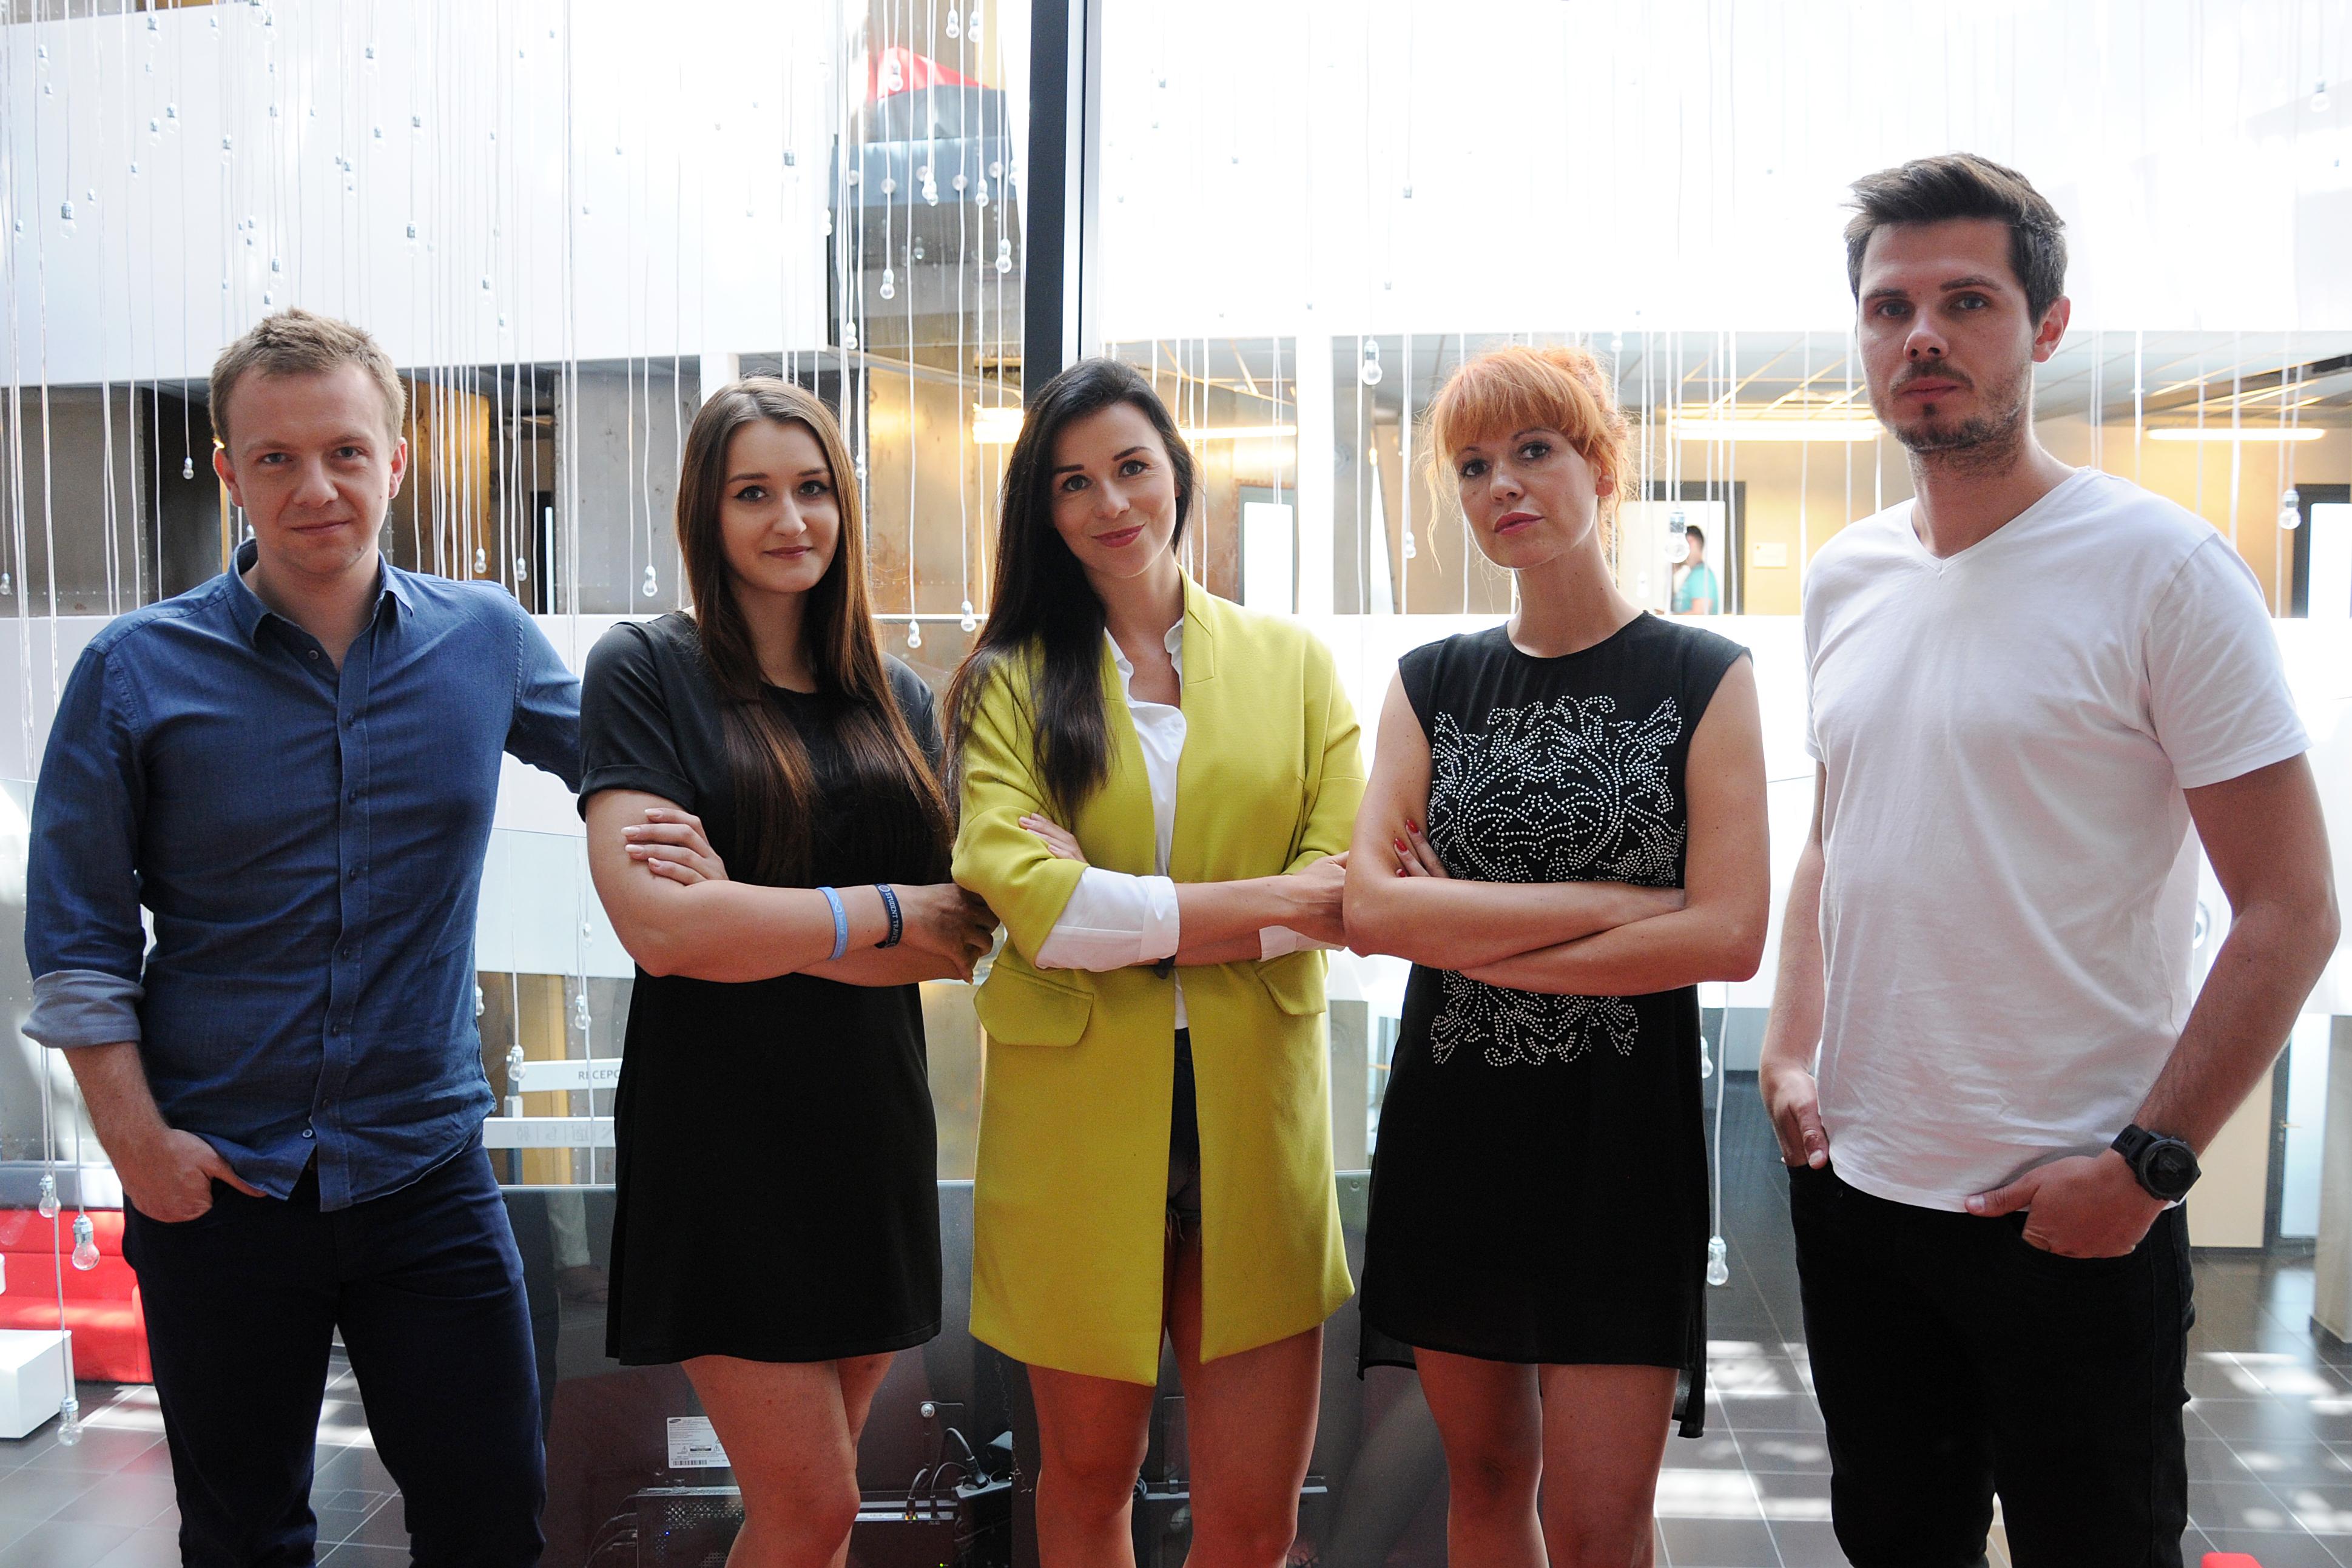 Na zdjęciu (od lewej): Grzegorz Miłkowski, Paulina Ksel, Aneta Wątor, Katarzyna Bienussa, Michał Grzebyk